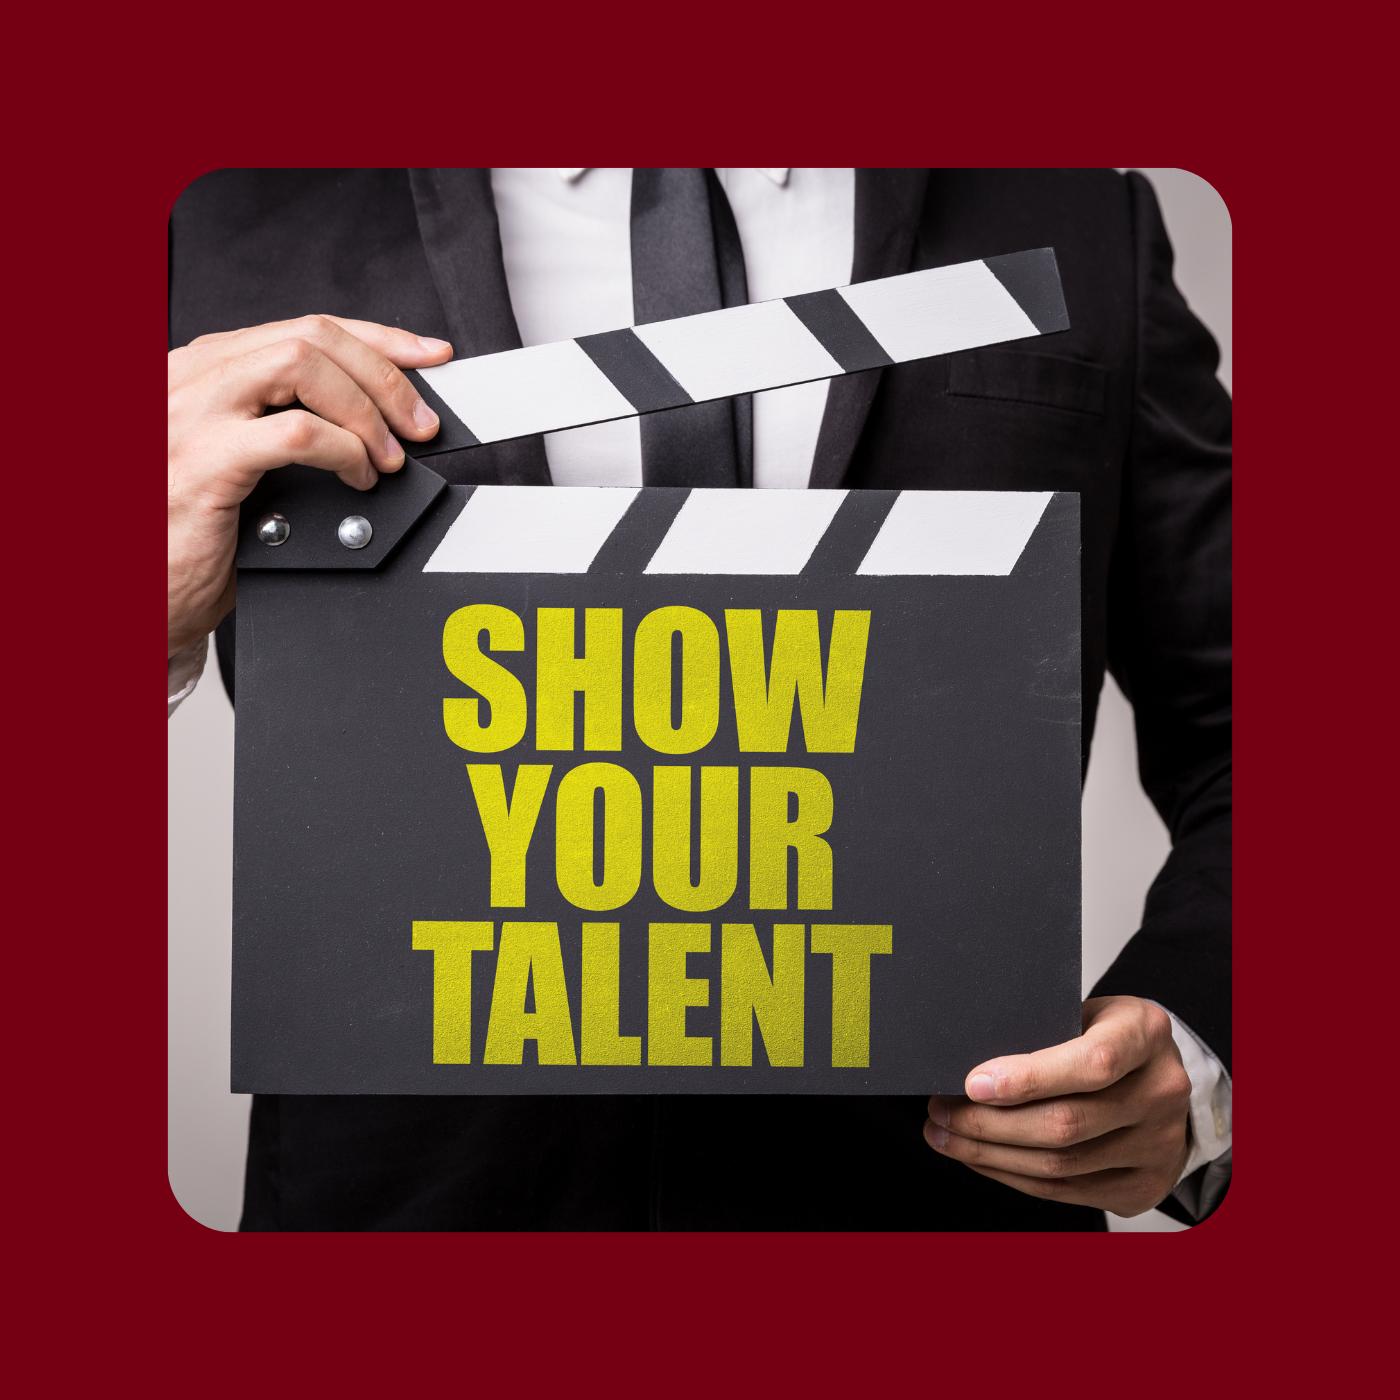 Ep13.【職涯發展】員工如何用天賦分析找到適合的職務,主管如何善用人才